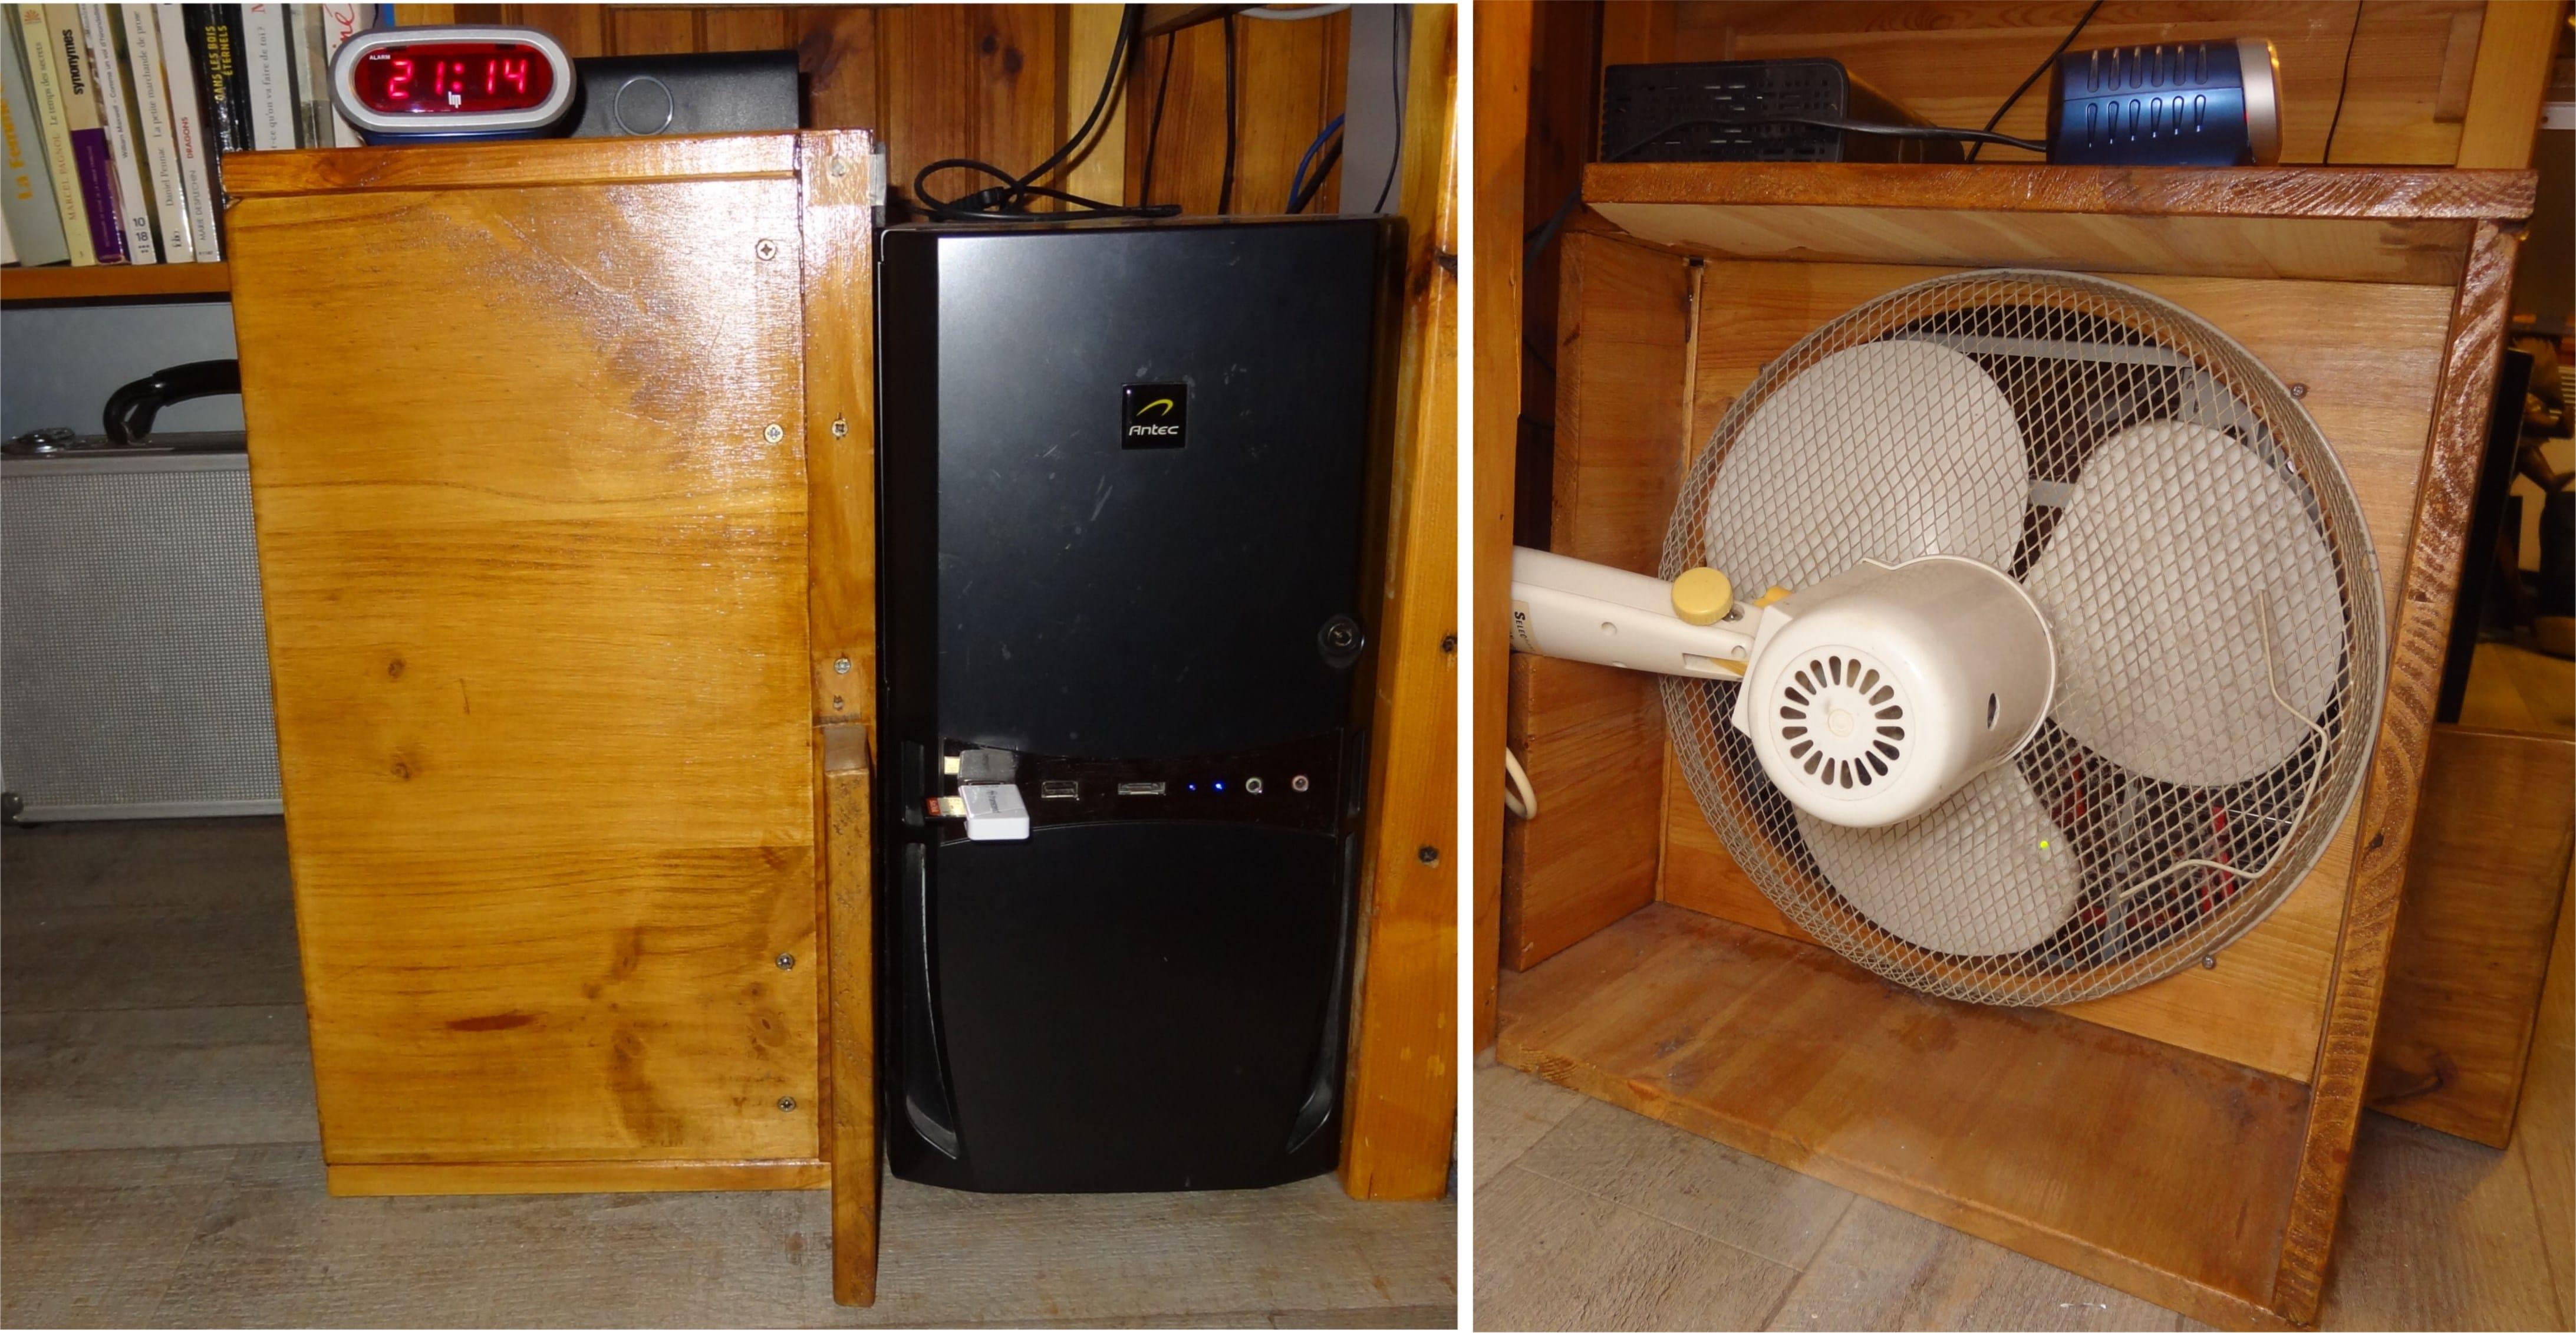 ordinateur et ventilateur